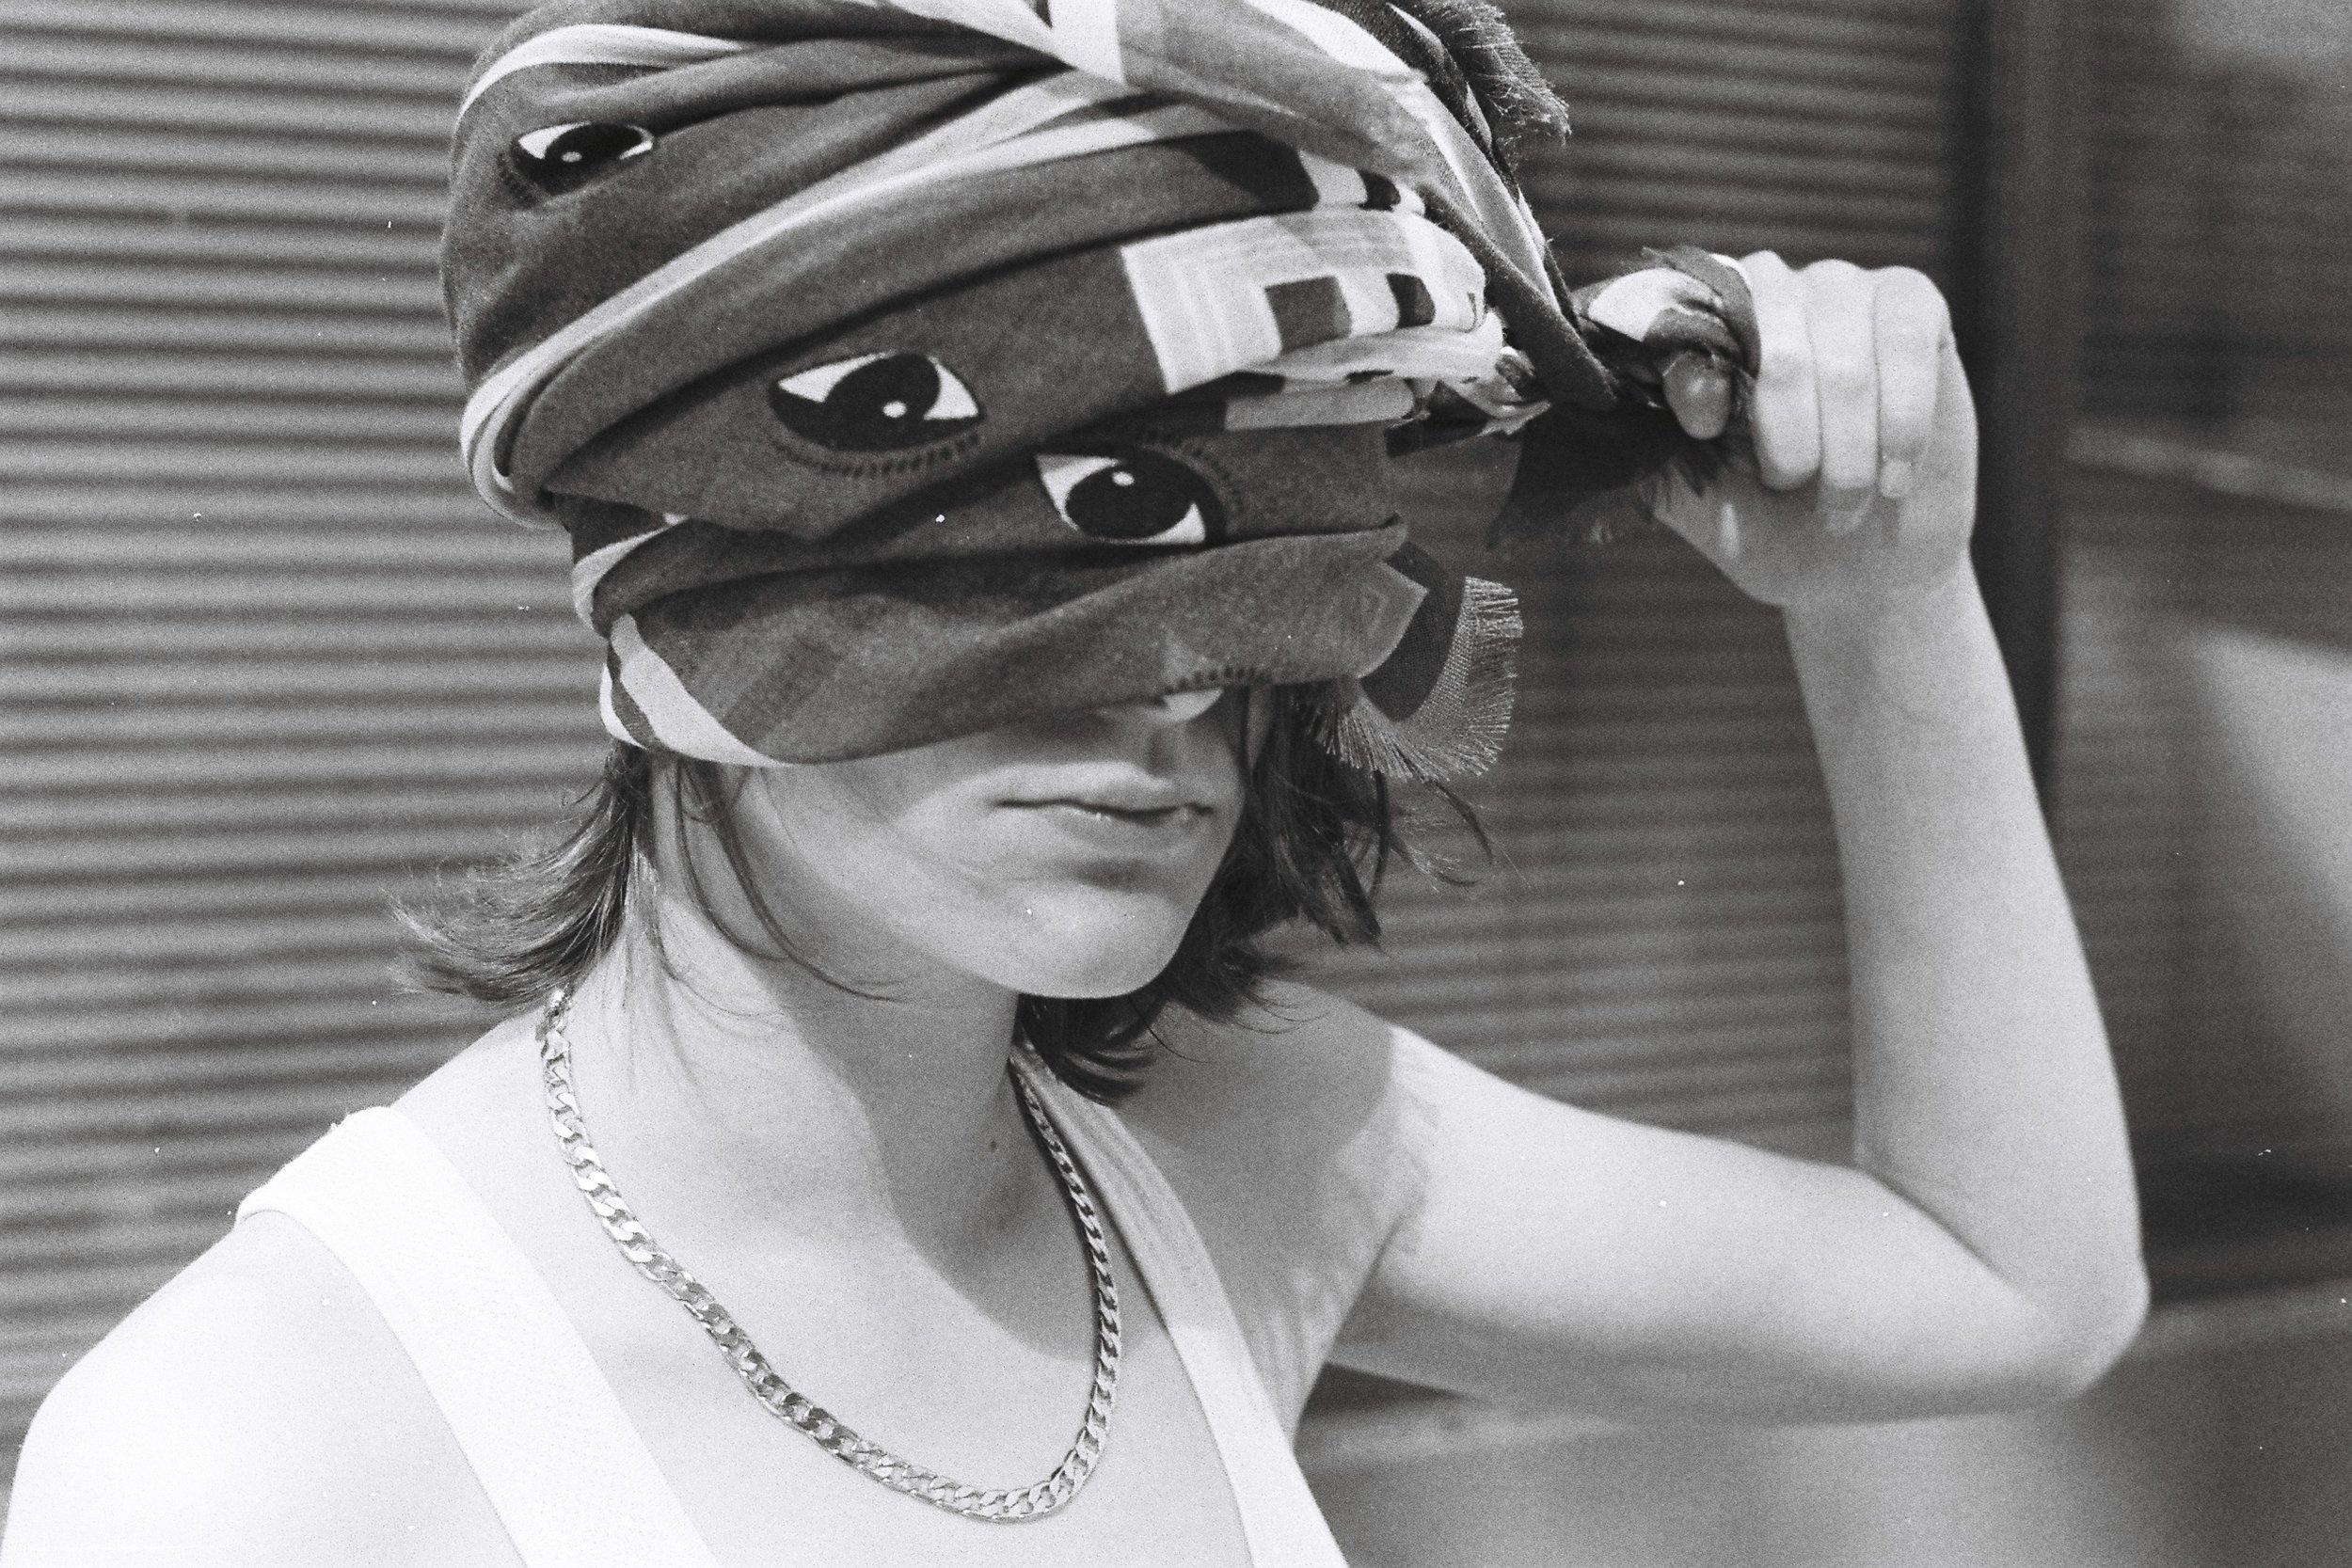 Personnal project shot by Flore Faucheux